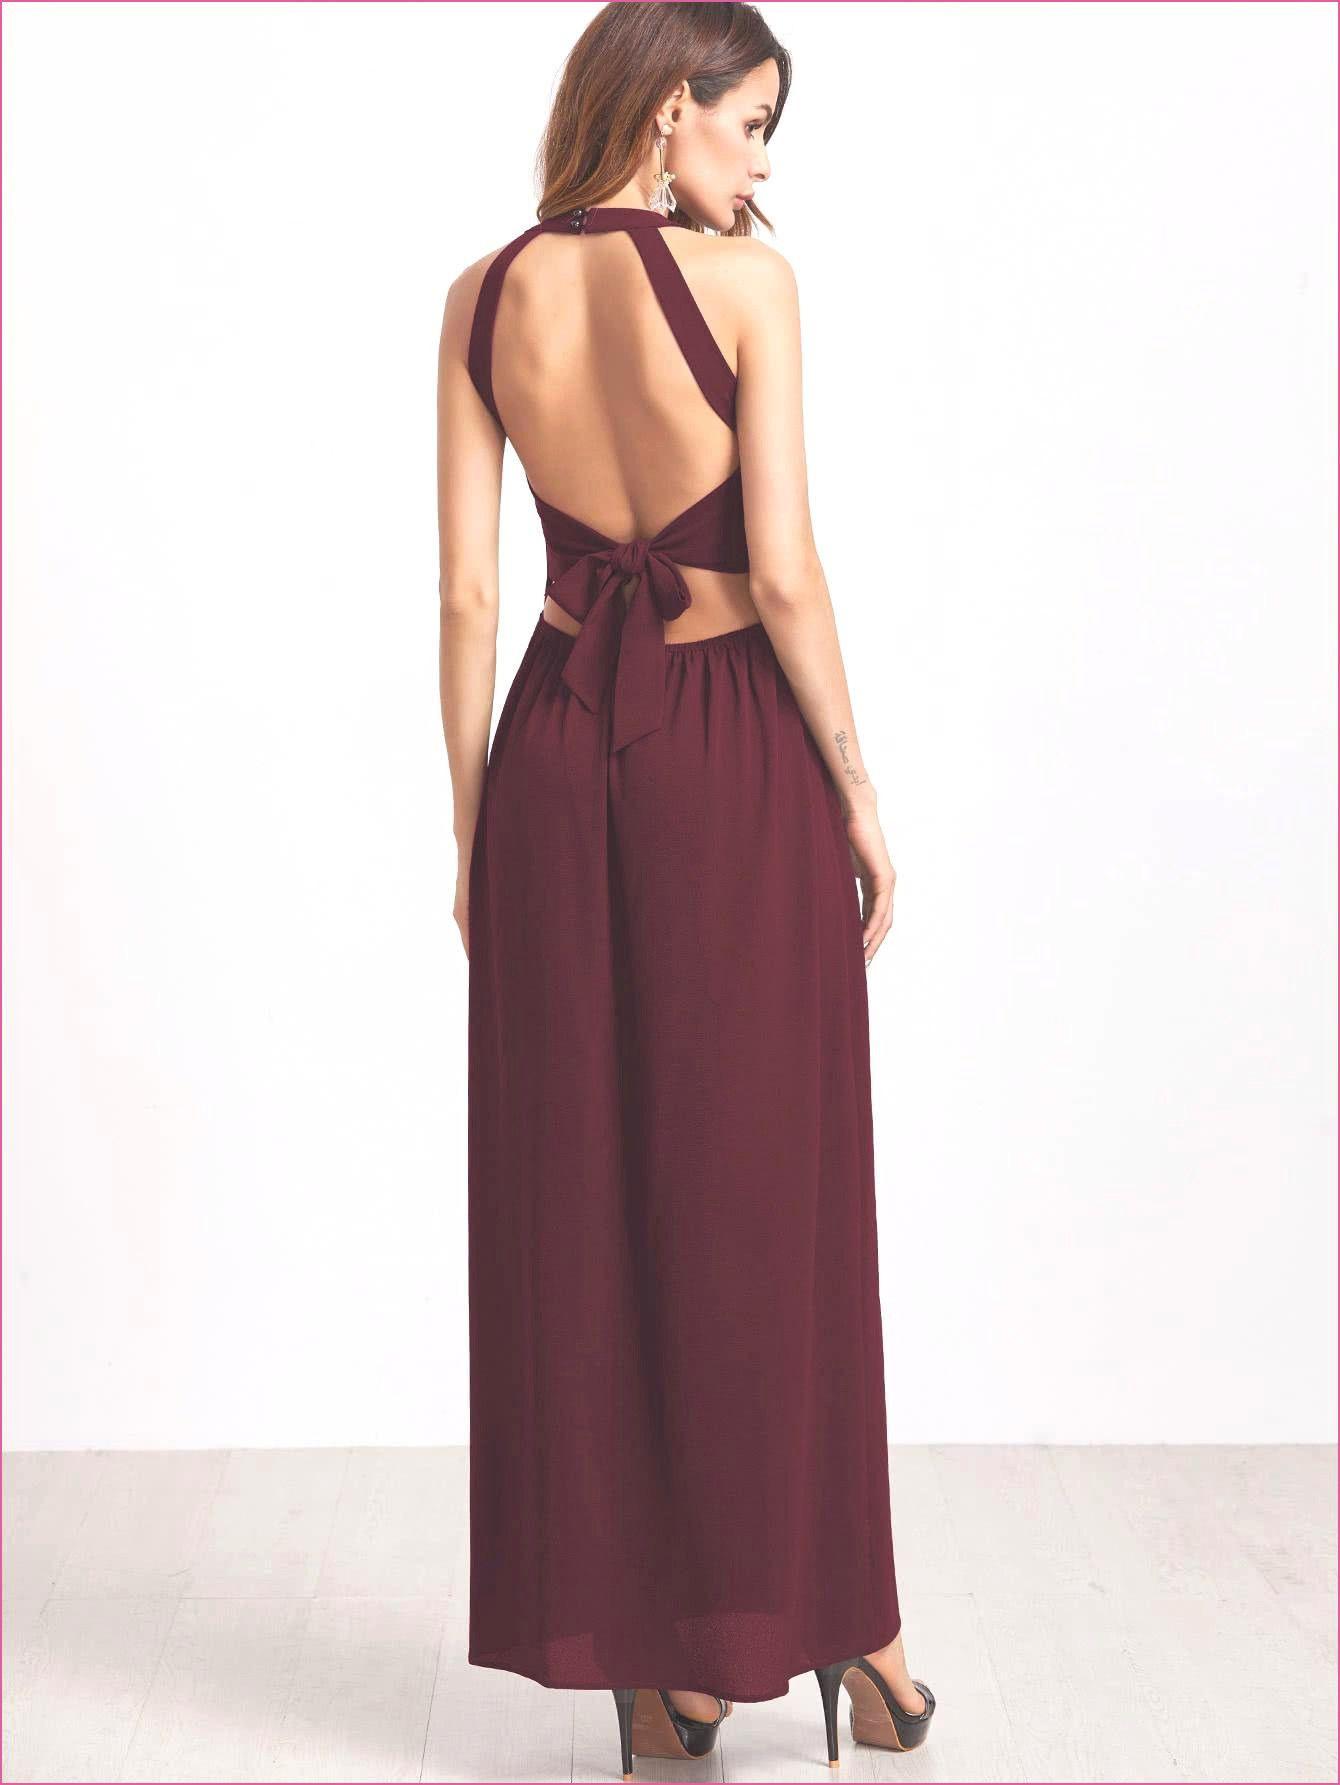 Perfekt Abendkleider Asos Design20 Top Abendkleider Asos für 2019